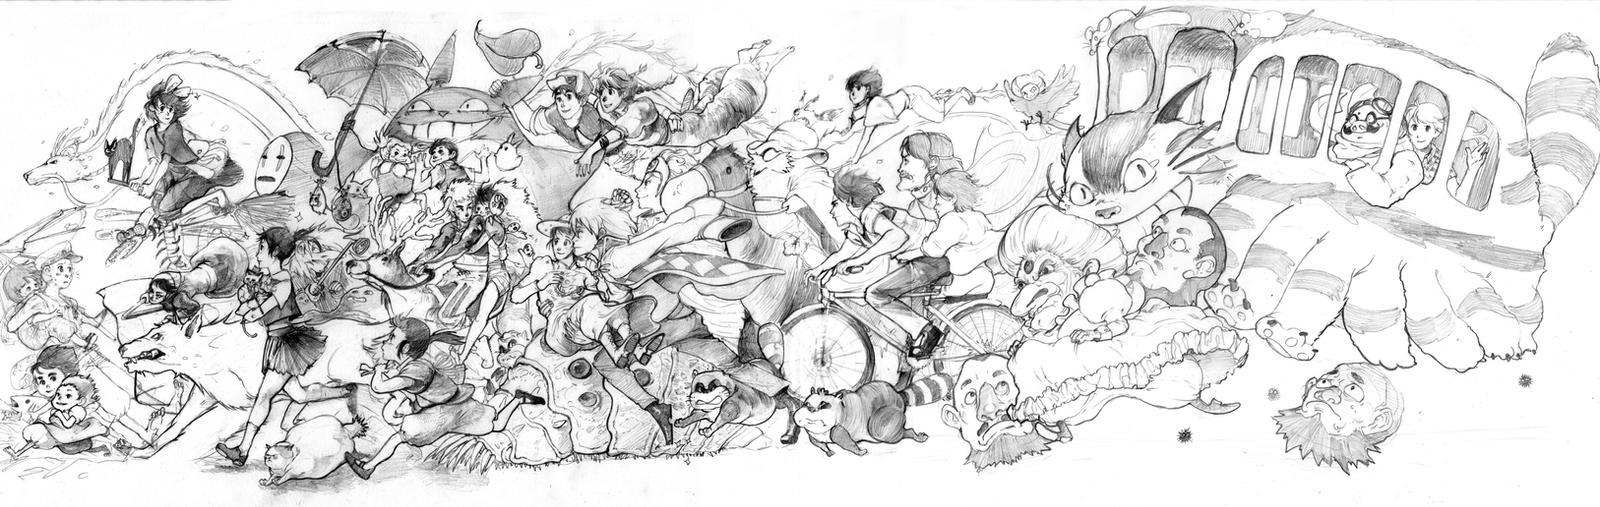 Studio Ghibli 50 by juliakrase